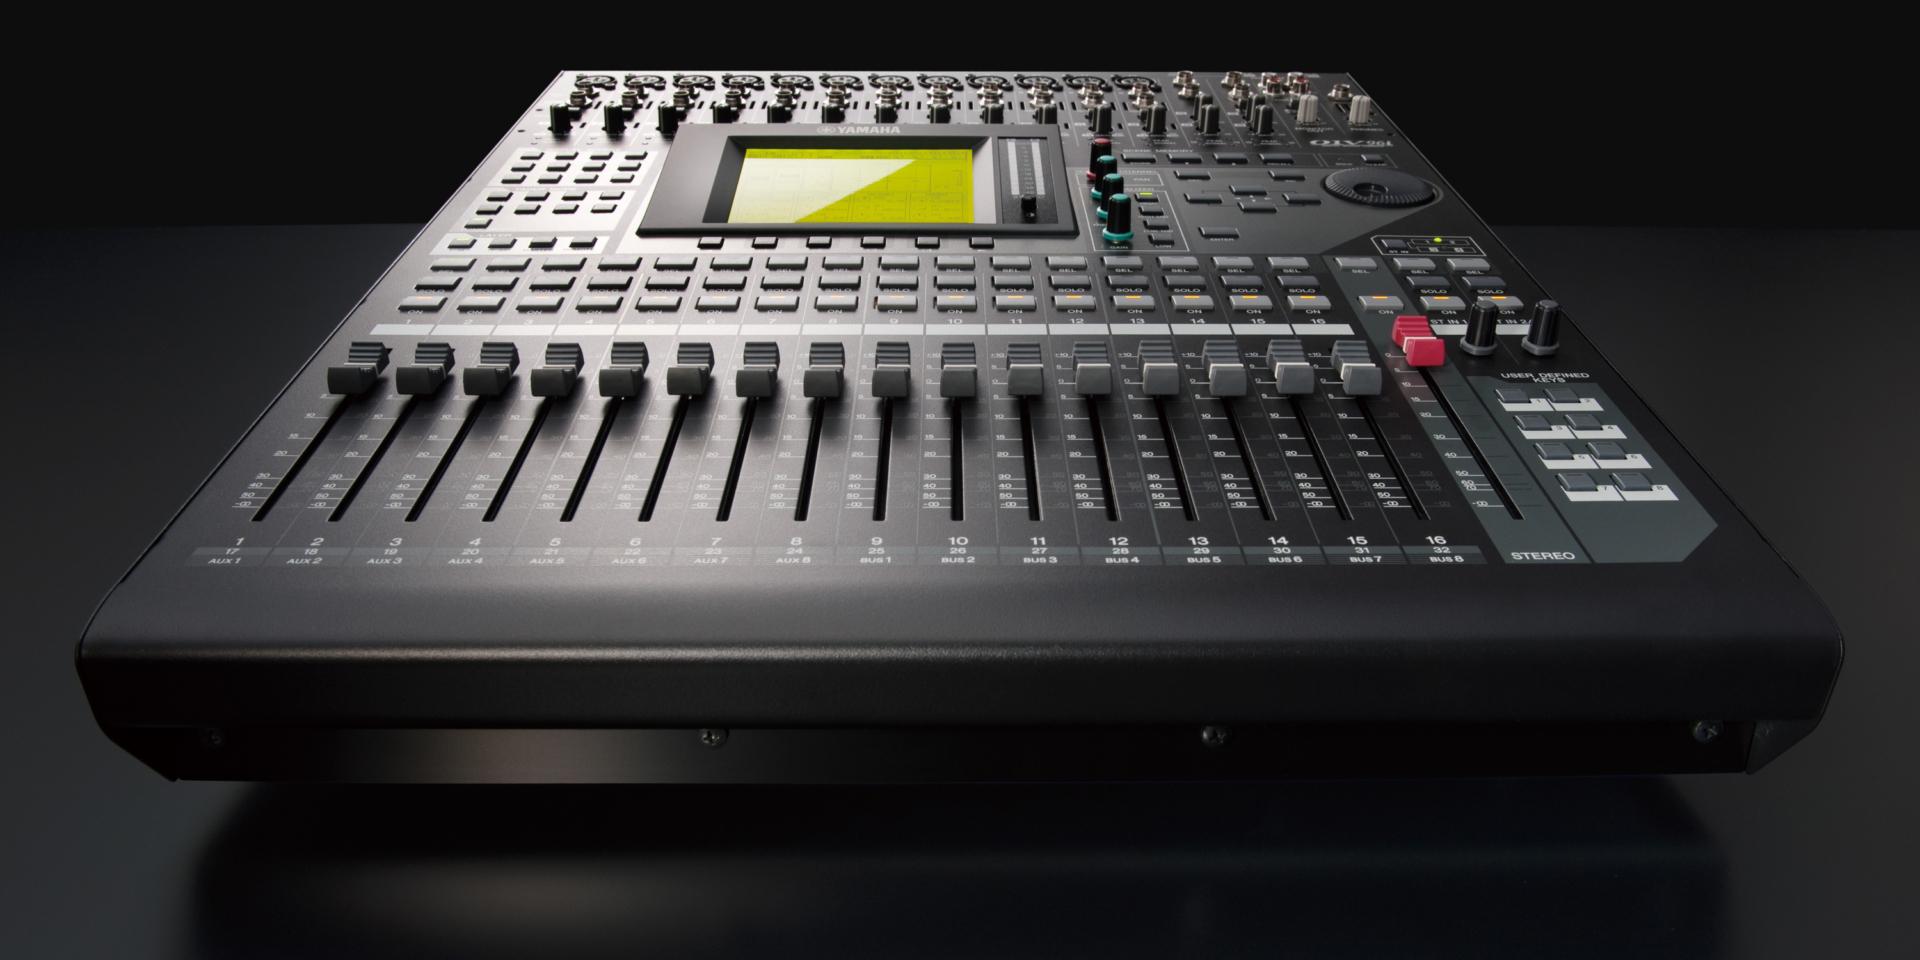 Lo 01V96i rappresenta l'evoluzione di uno standard, che si basa sulla configurazione ormai collaudata dei suoi predecessori, al fine di creare un mixer digitale compatto che soddisfa le esigenze di una vasta gamma di utenti.